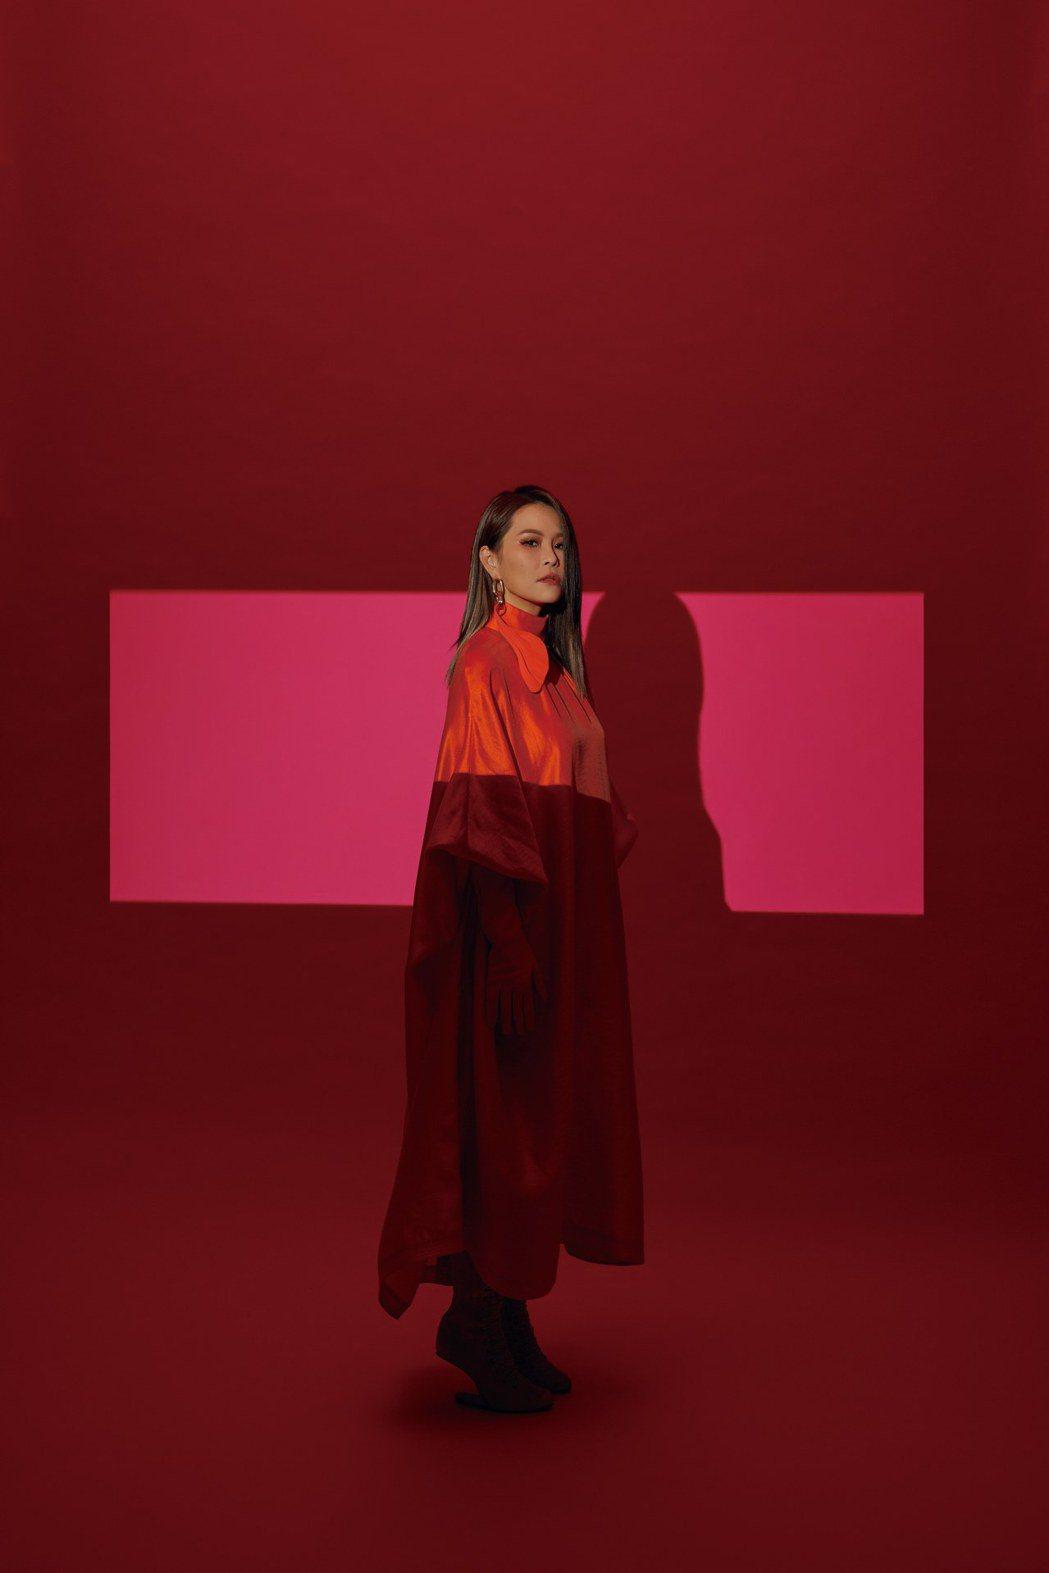 周蕙「豁然律」EP視覺媲美時尚大片,靠閨蜜陸明君傳授名模氣勢。圖/華研國際提供